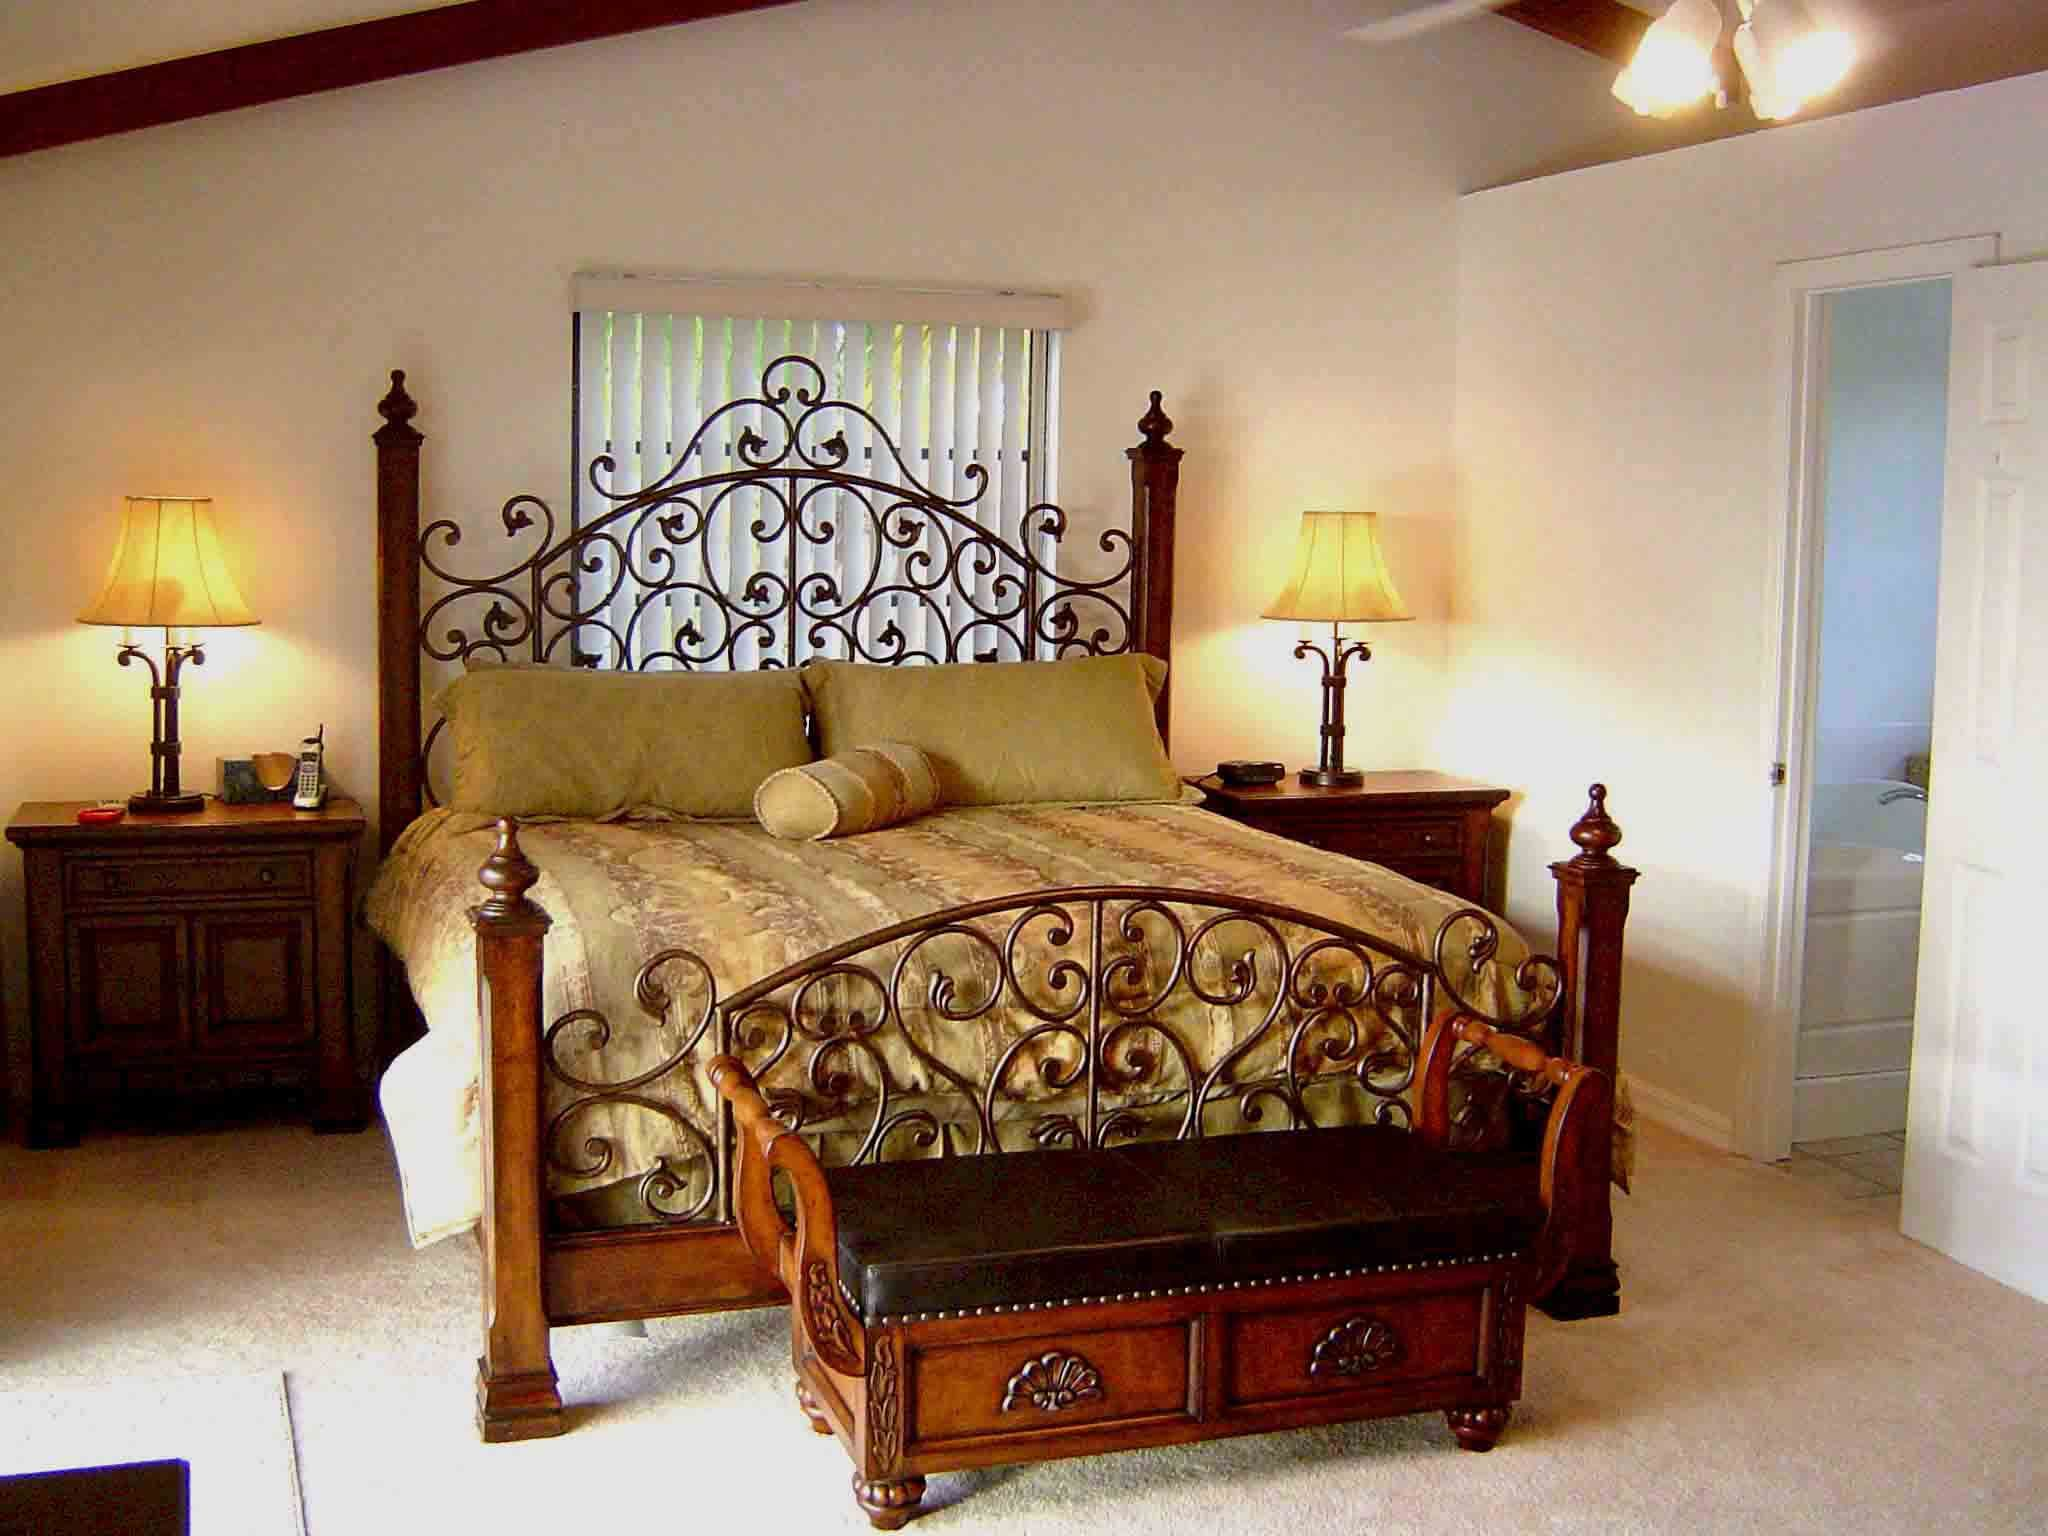 CBeautiful bedrooms | Beautiful Bedrooms pictures ...